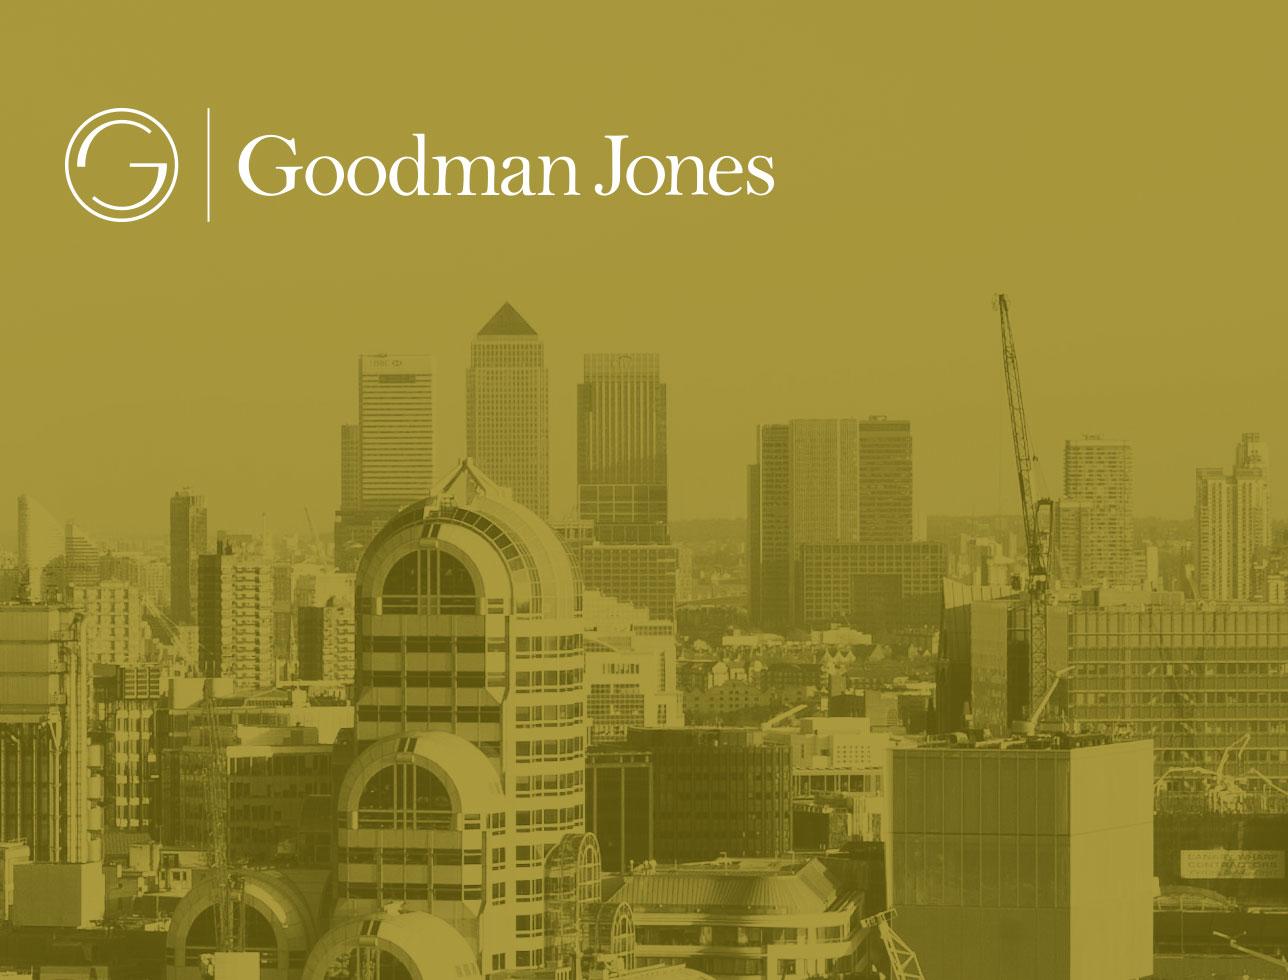 Goodman Jones website design